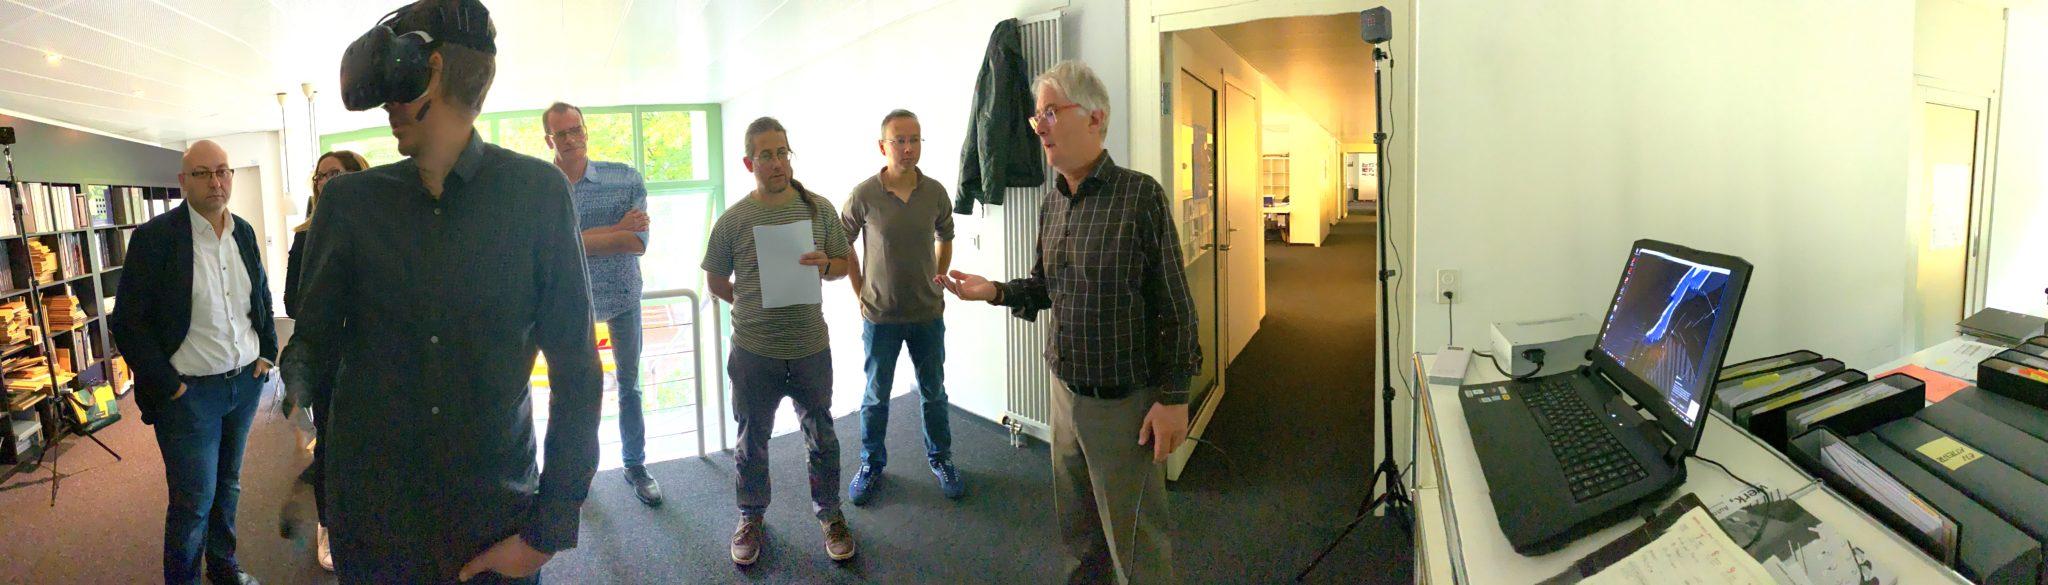 Démonstration Atelier Services chez Architram Lausanne